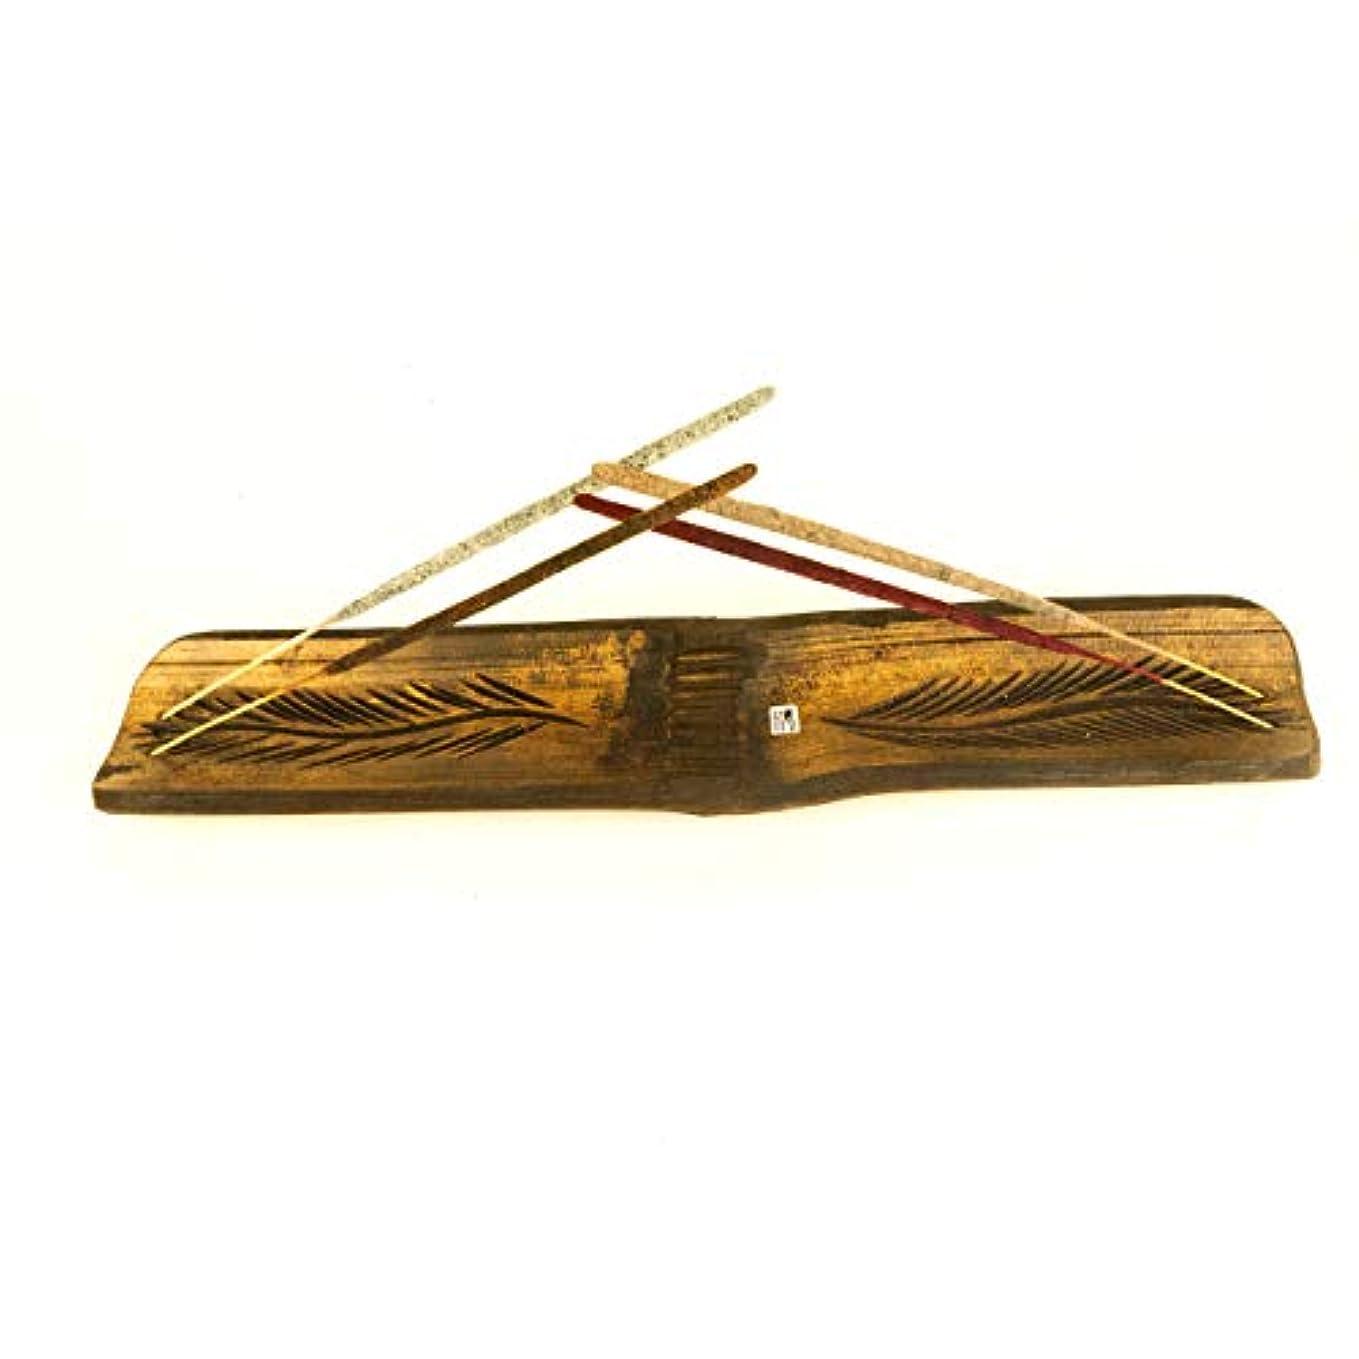 精査の配列徹底Amae/Mynagold 大きな竹製お香ホルダー